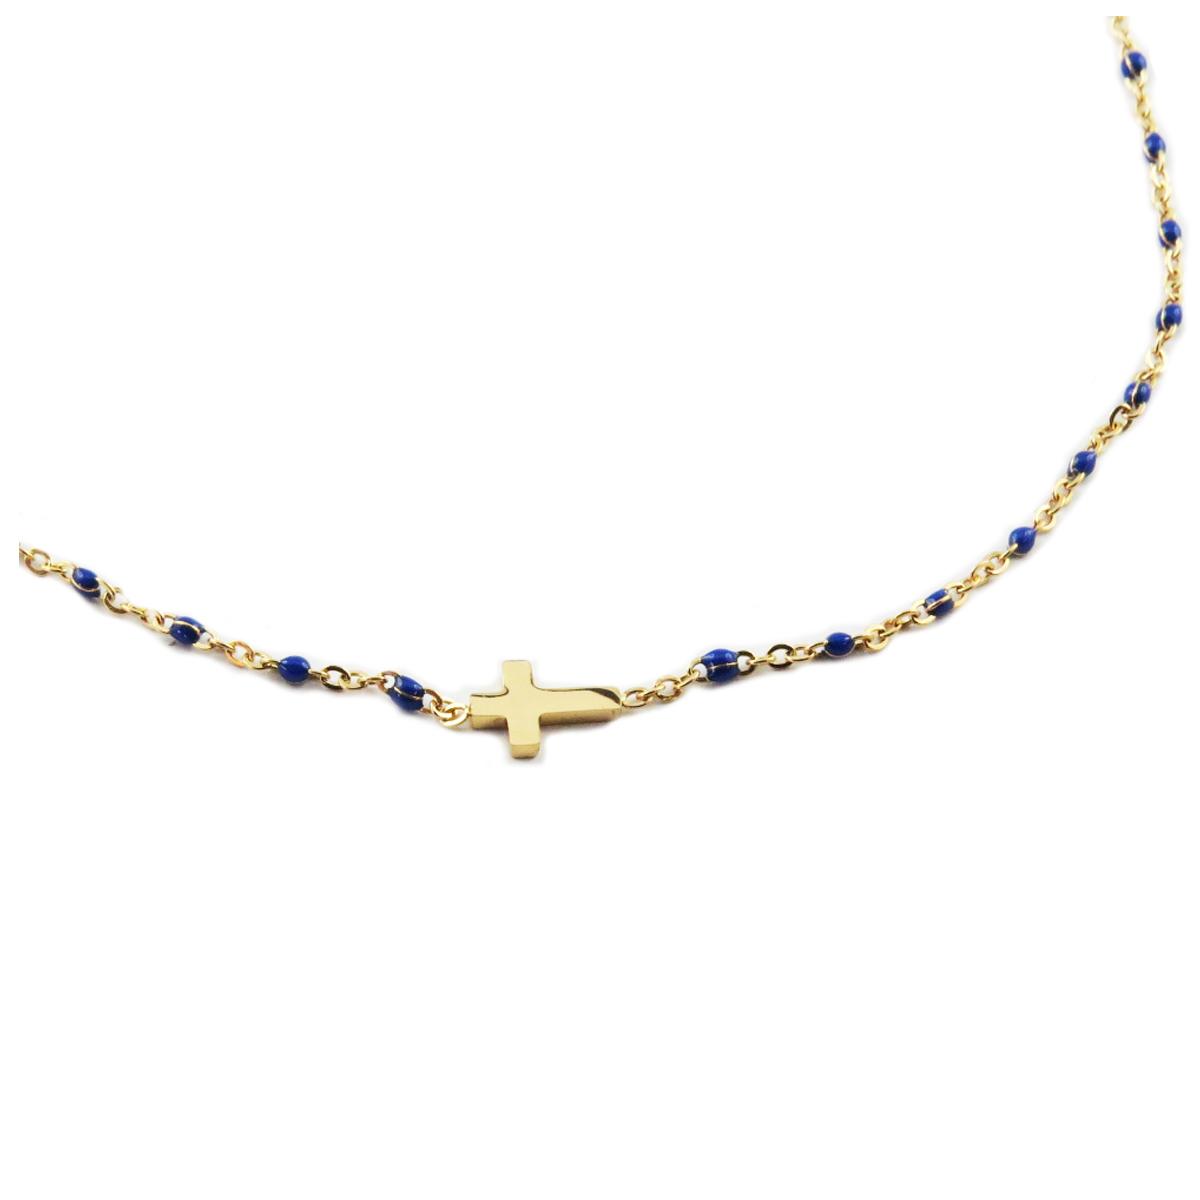 Collier créateur acier \'Croix\' bleu doré - 10x5 mm - [R0226]